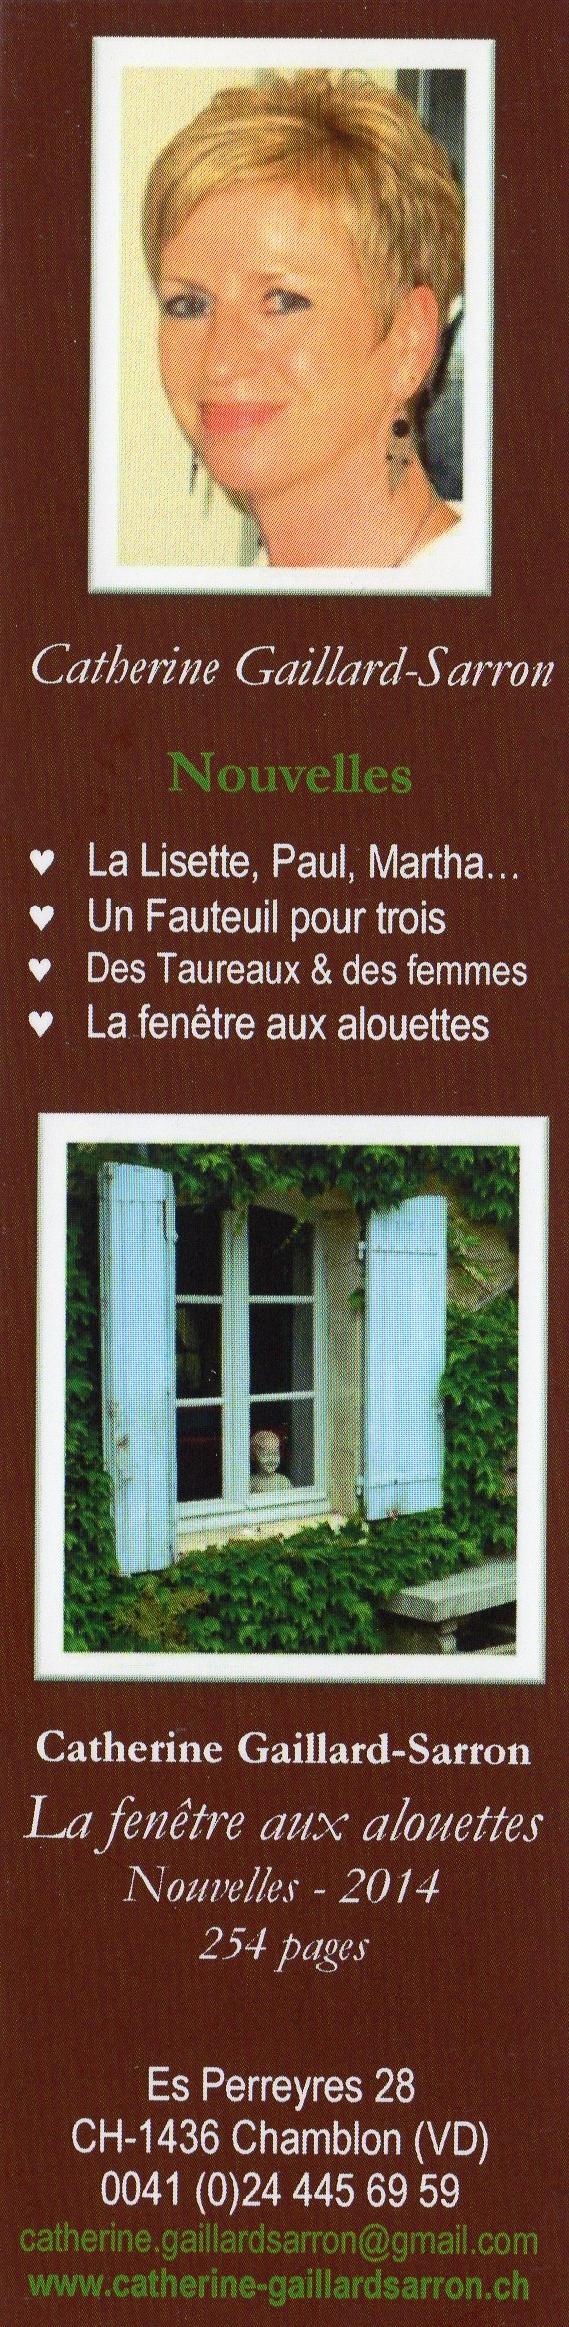 Signet La Fenêtre aux alouettes